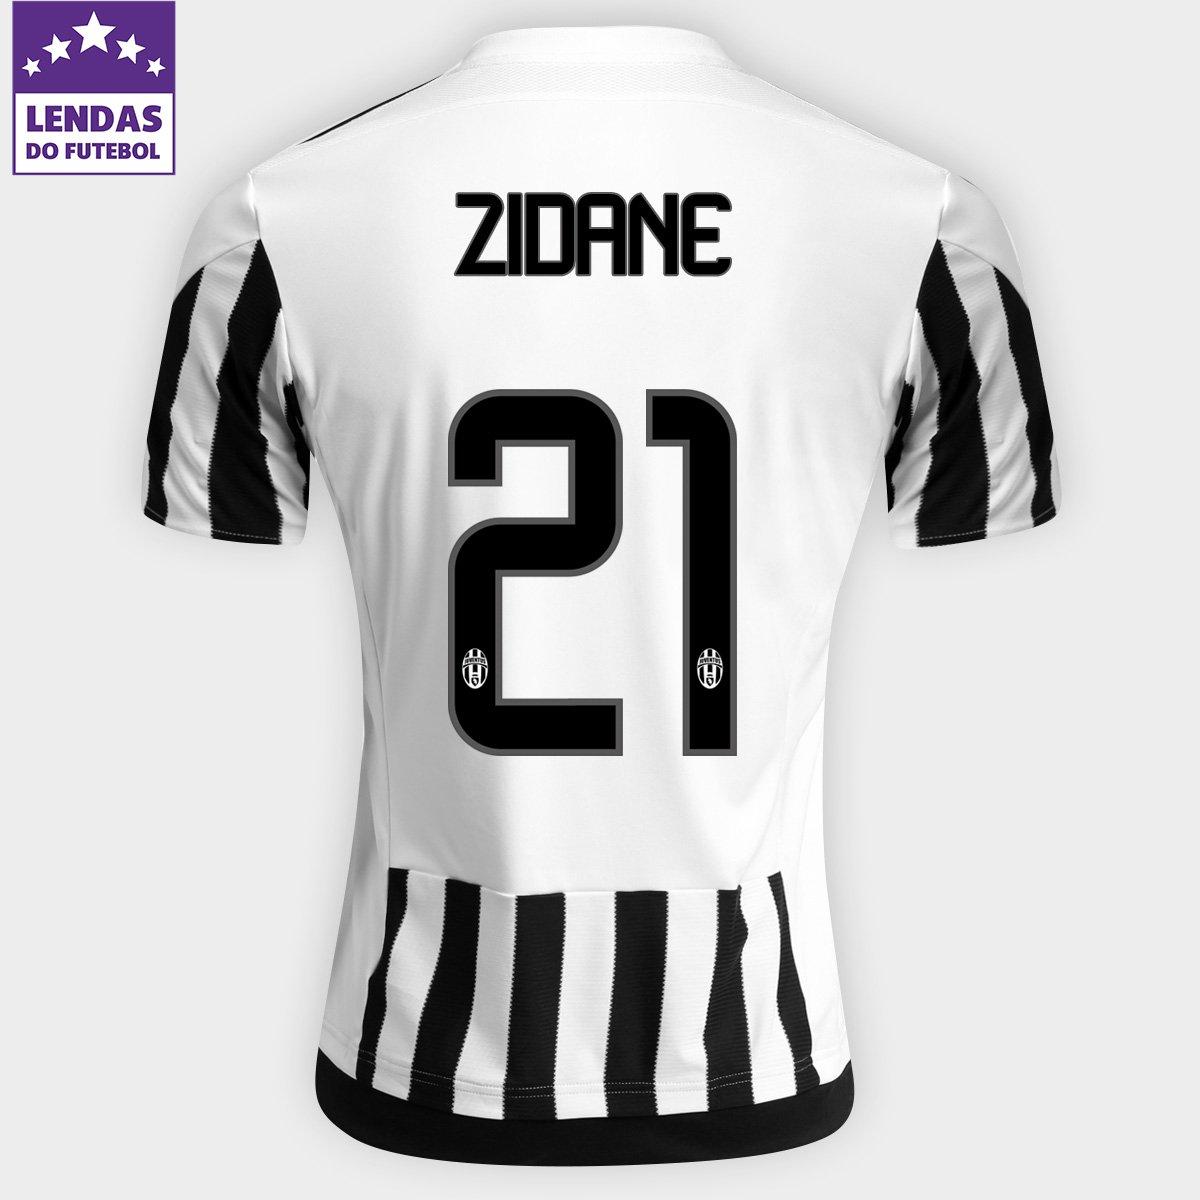 d789486900 Camisa Adidas Juventus Home 15 16 nº 21 - Zidane - Compre Agora ...